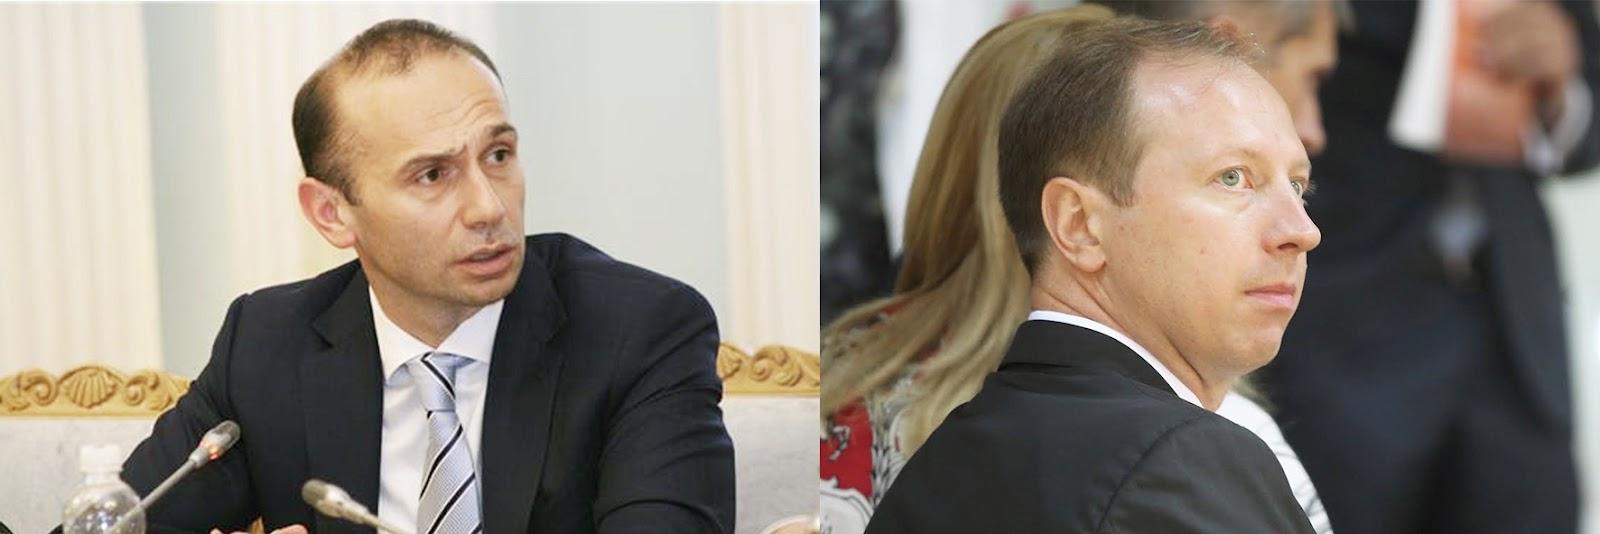 Банкір Сергій Дядечко «взяв на себе» гроші Артура Ємельянова?